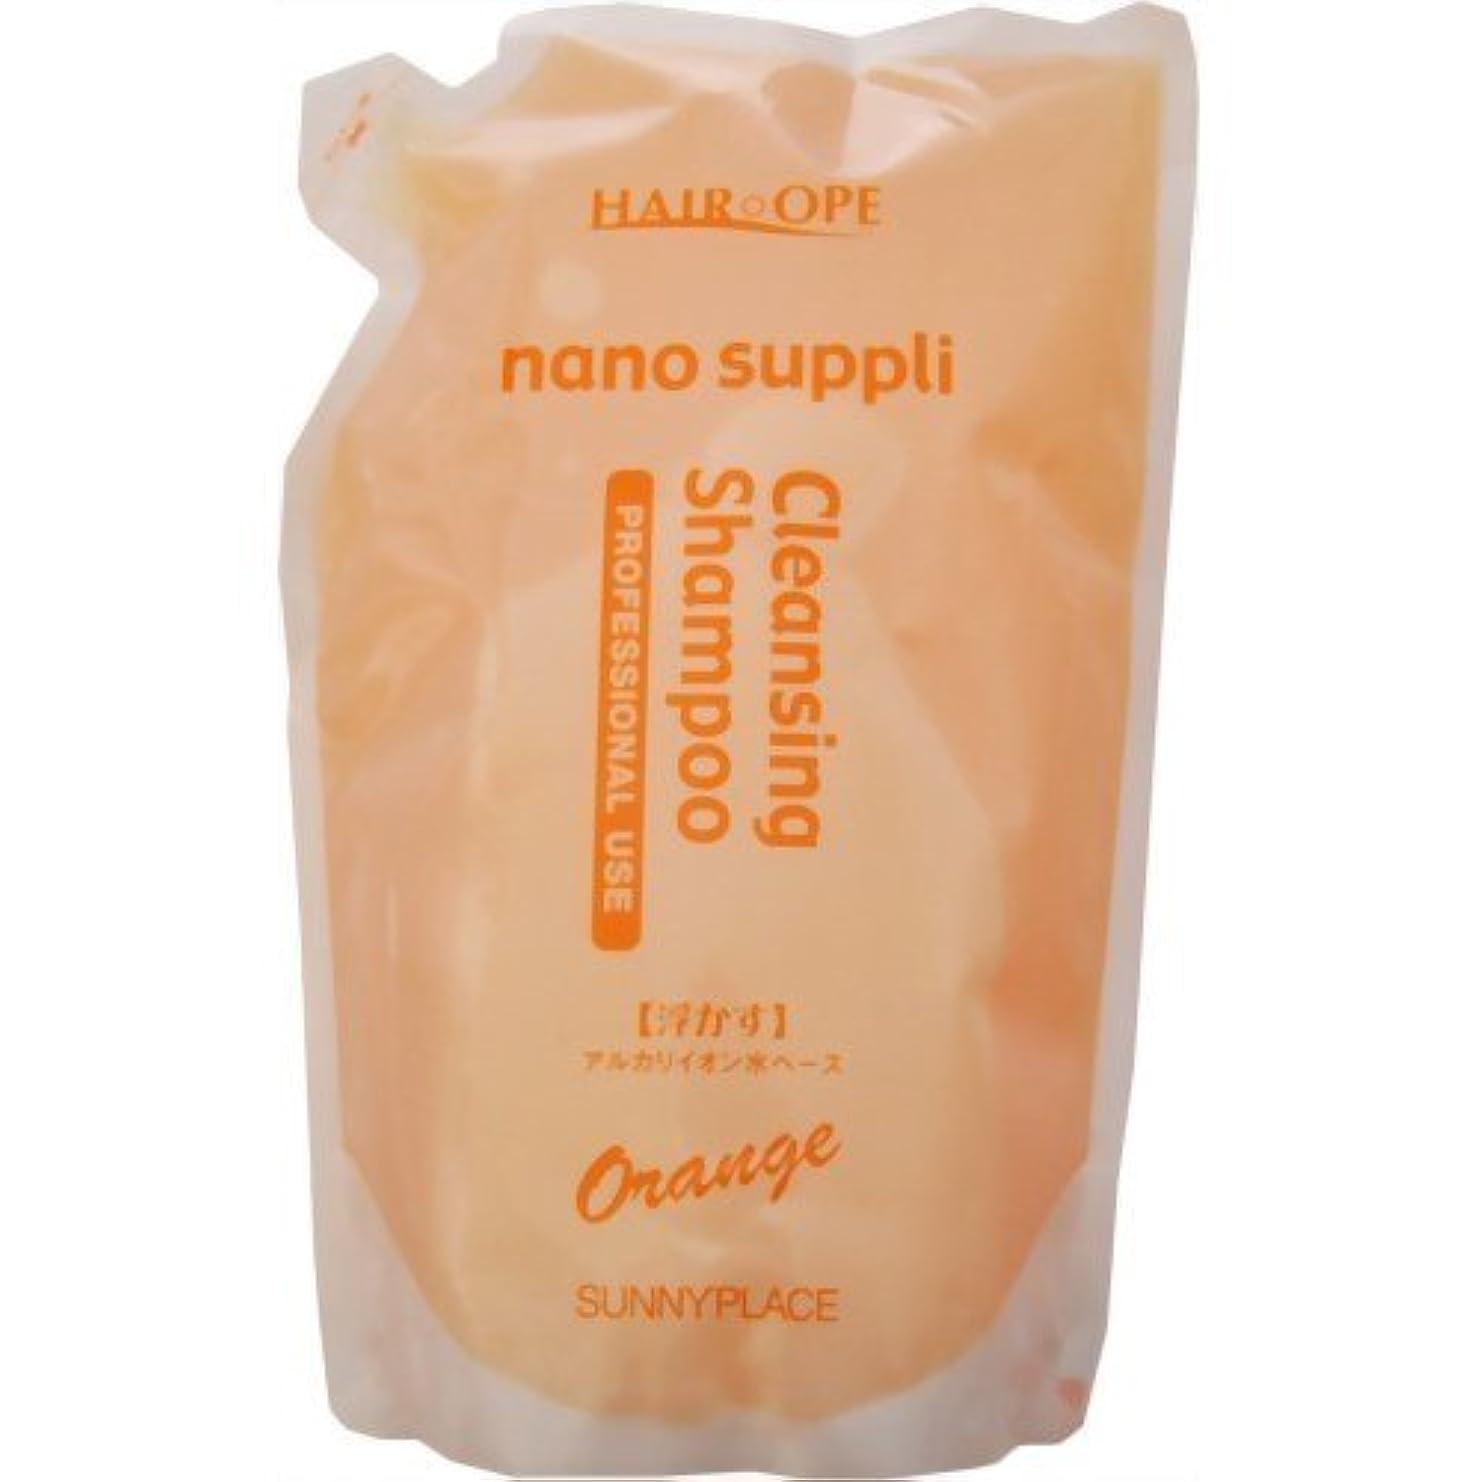 独立したバス比率サニープレイス ナノサプリ クレンジングシャンプー オレンジ 800ml